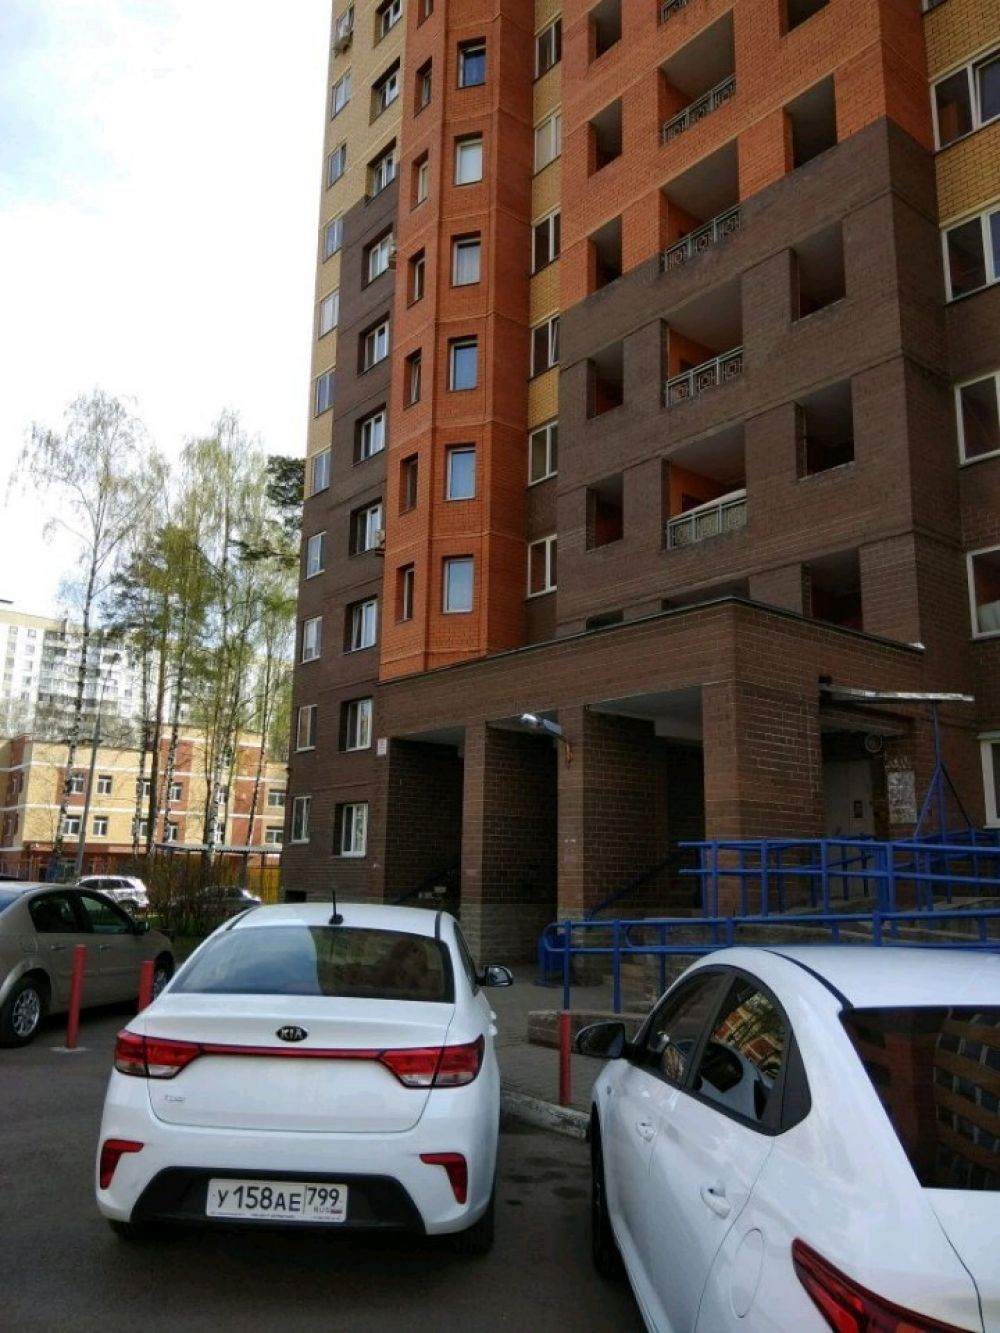 Однокомнатная квартира Московская область г. Королев, ул Мичурина, д. 27 корп. 7, фото 5